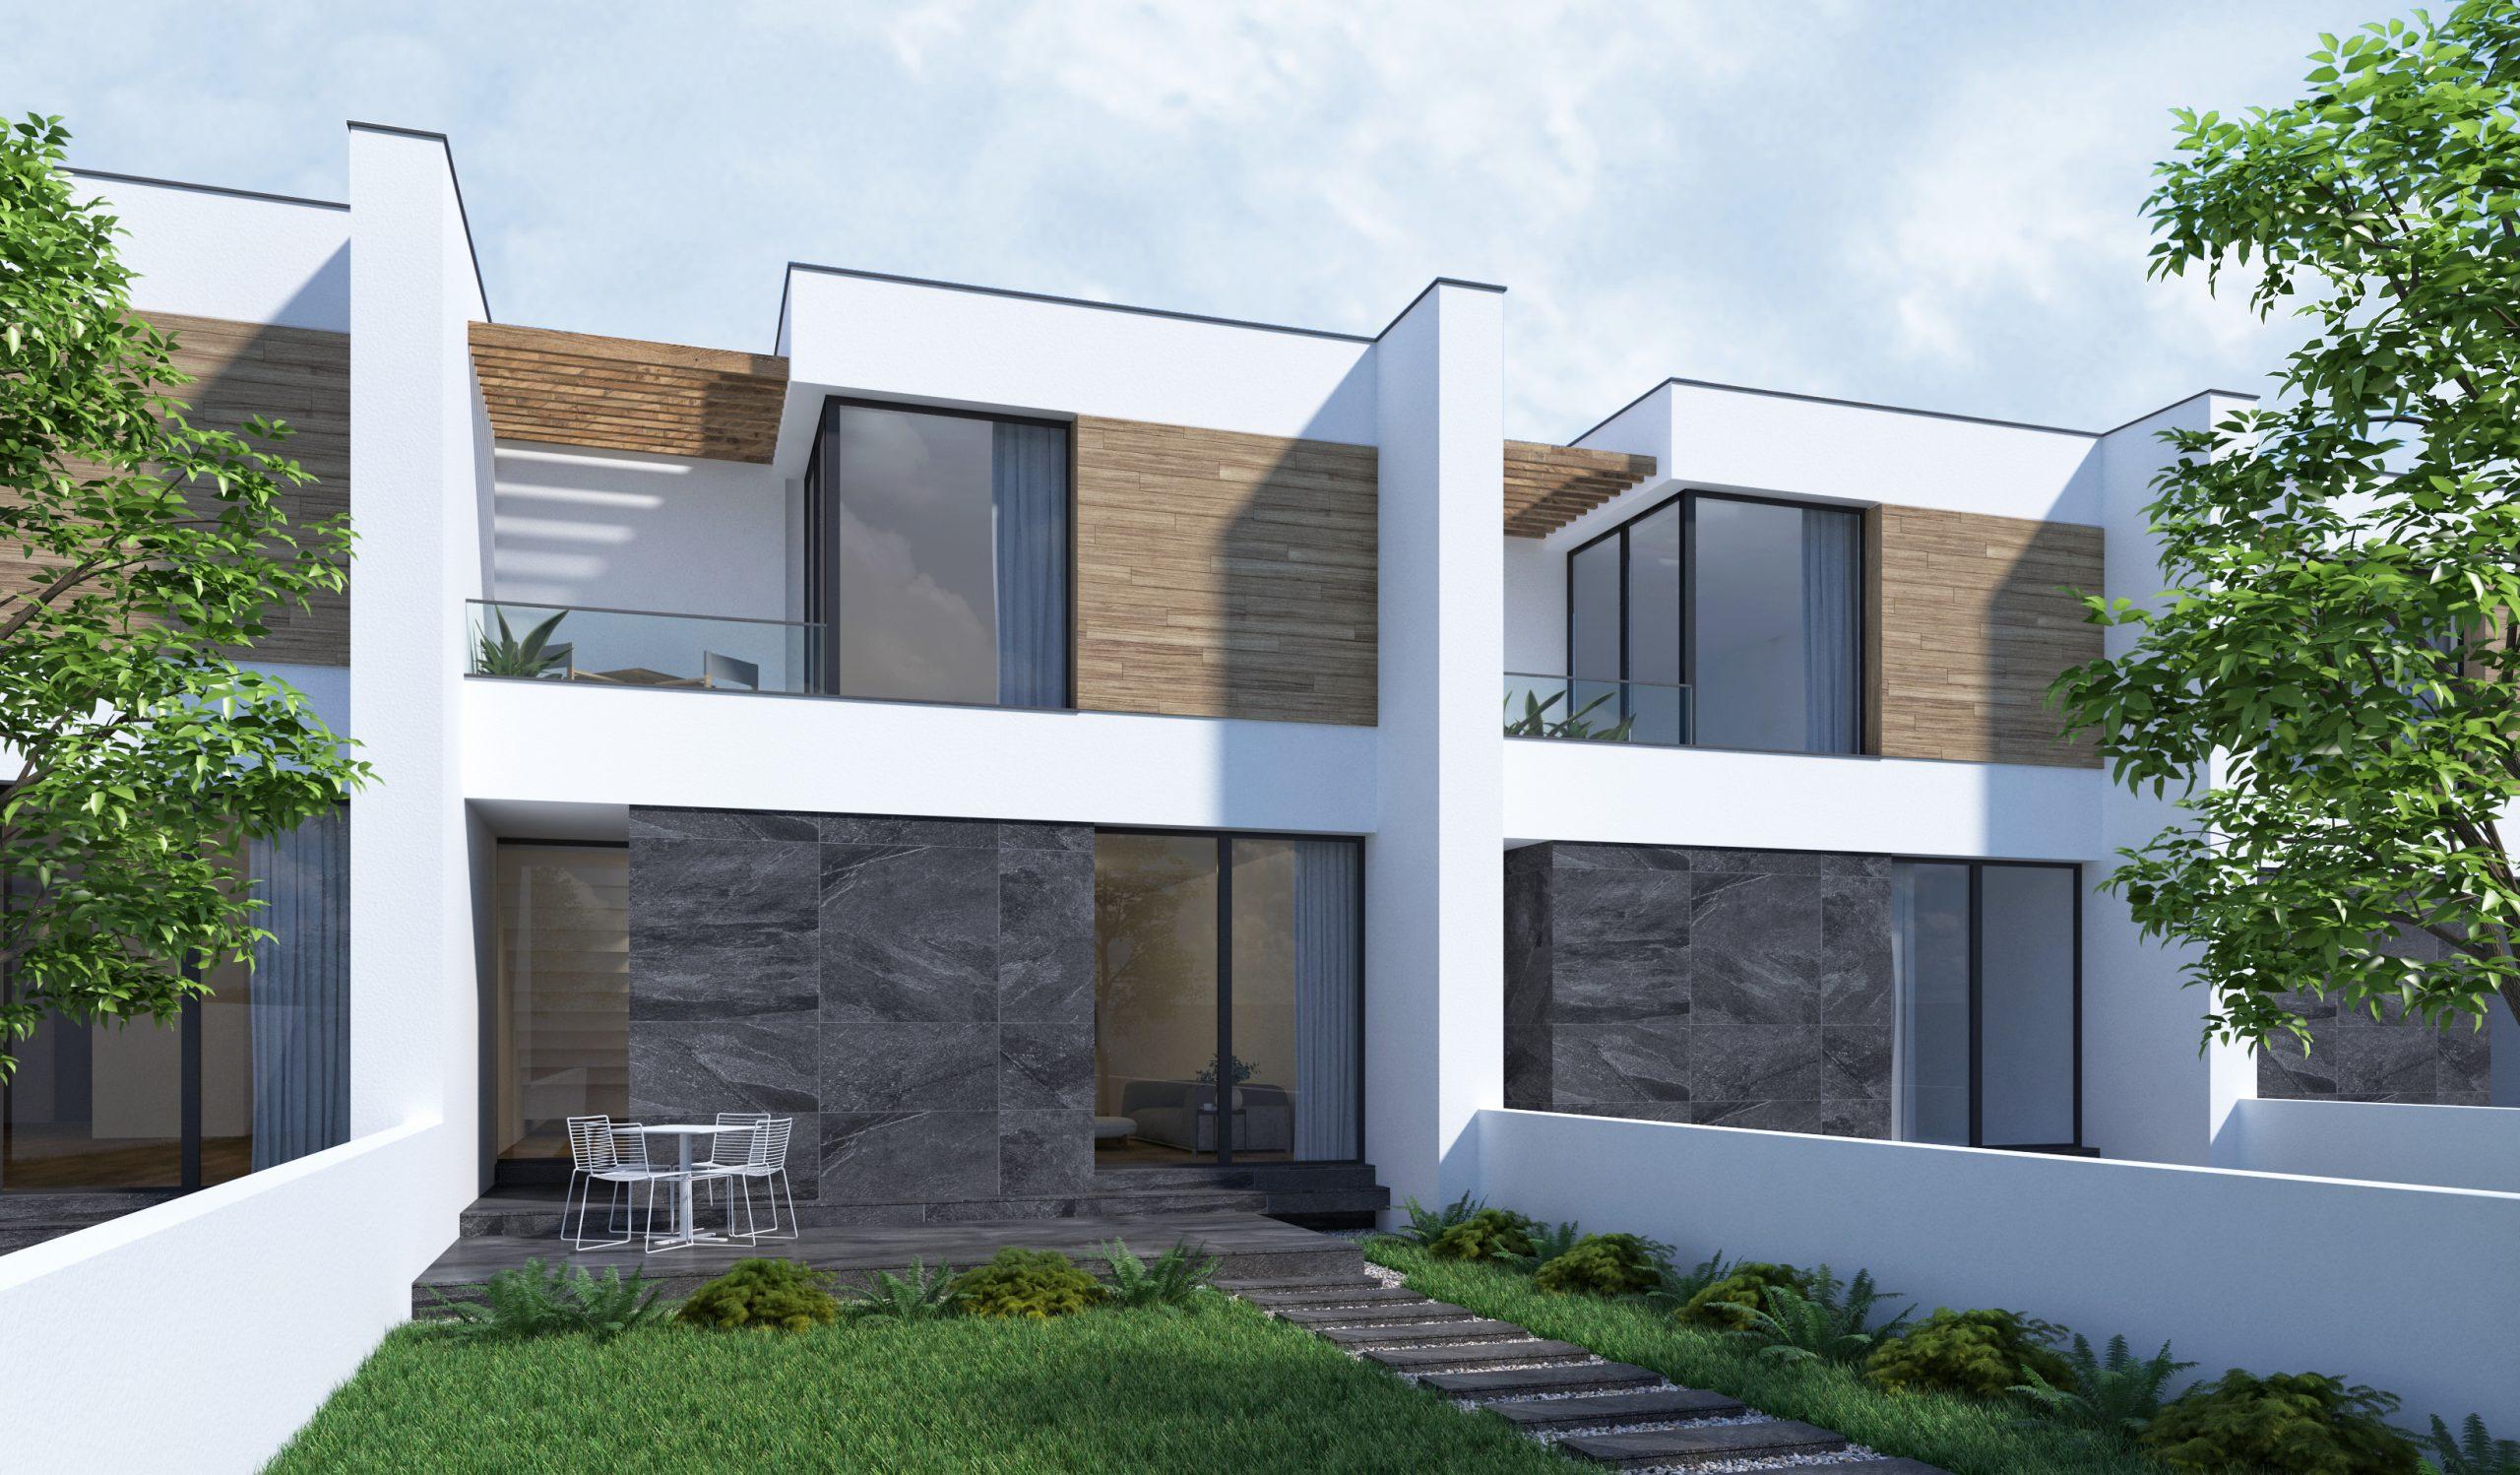 casa-b1-exterior-03-rya-lago-mamaia-constanta